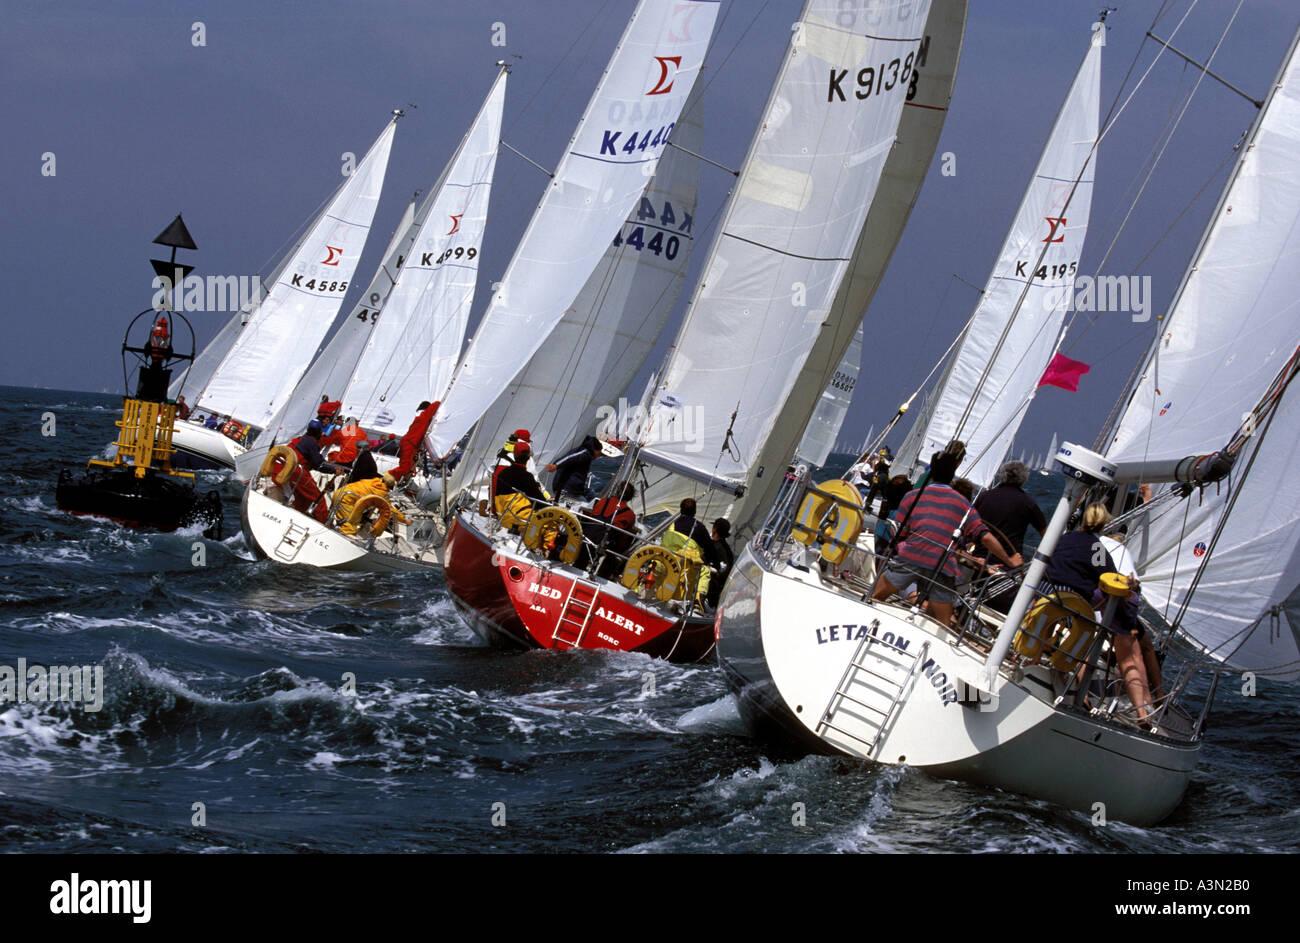 Rounding Bembridge Ledge Round the Island Race 1994 - Stock Image